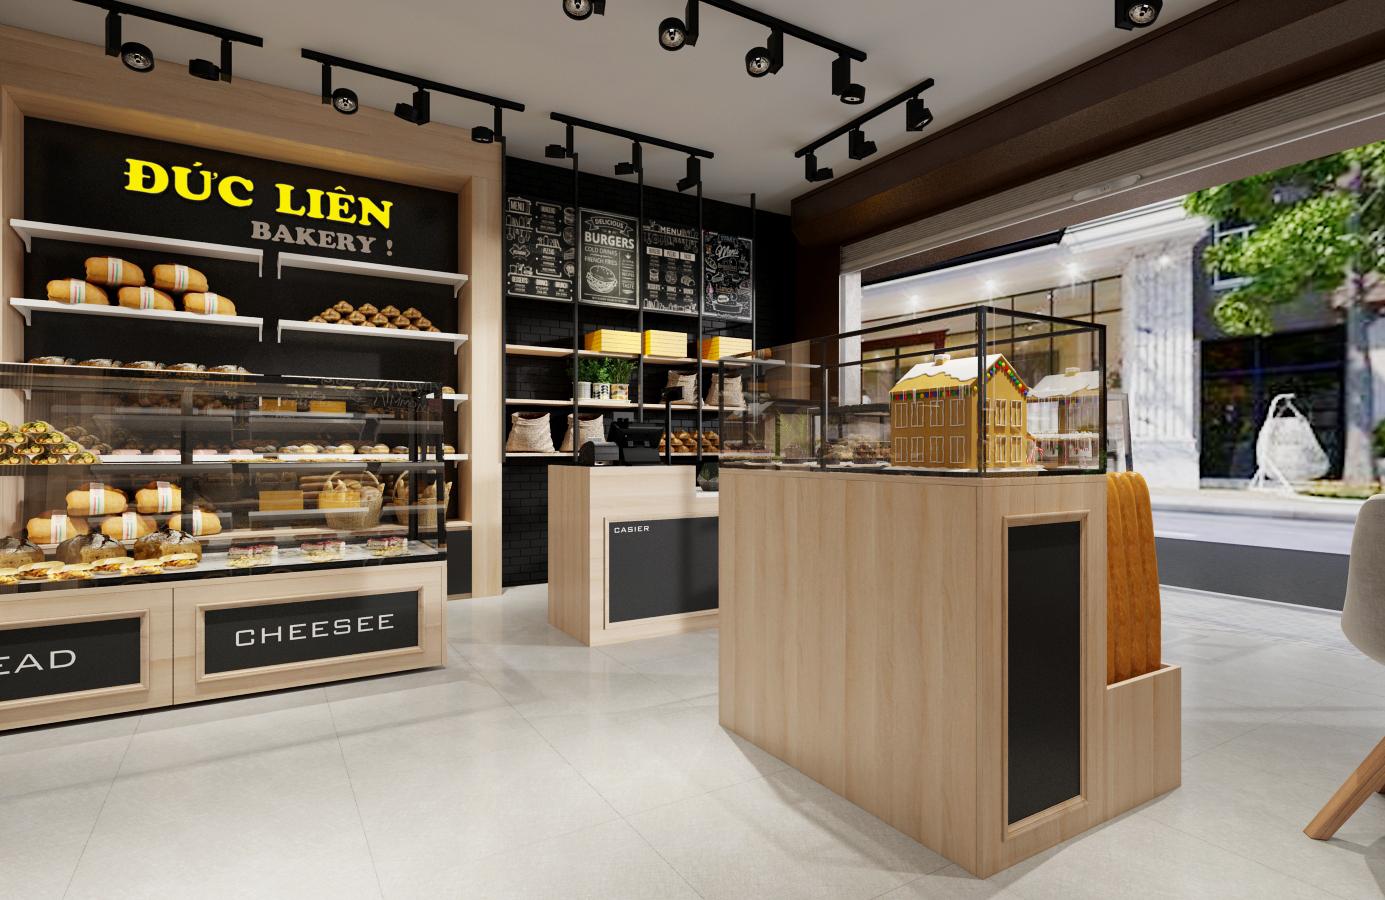 Thiết kế nội thất Nhà Hàng tại Hà Nội Đức Liên Bakery 1573645797 1